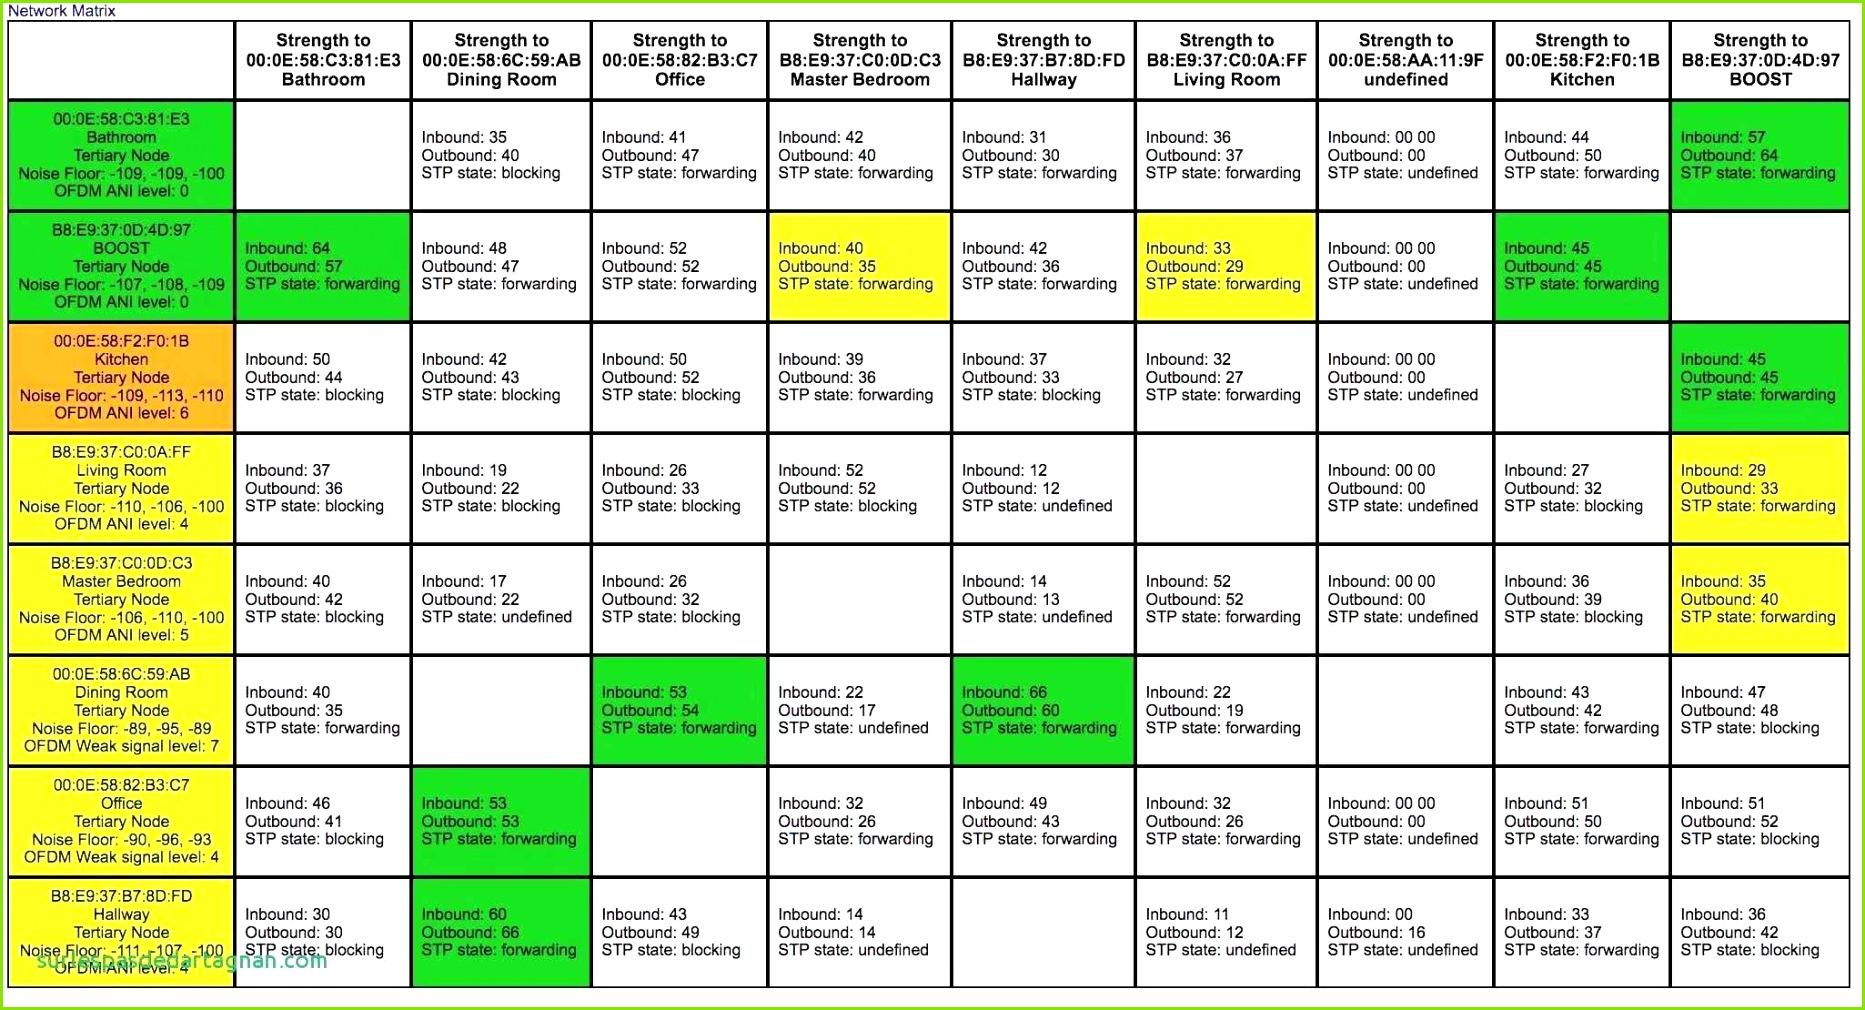 Haushaltsbuch Vorlage Detaillierte Excel Stundenplan Vorlage Schön Genial Fotos Von Inventarliste